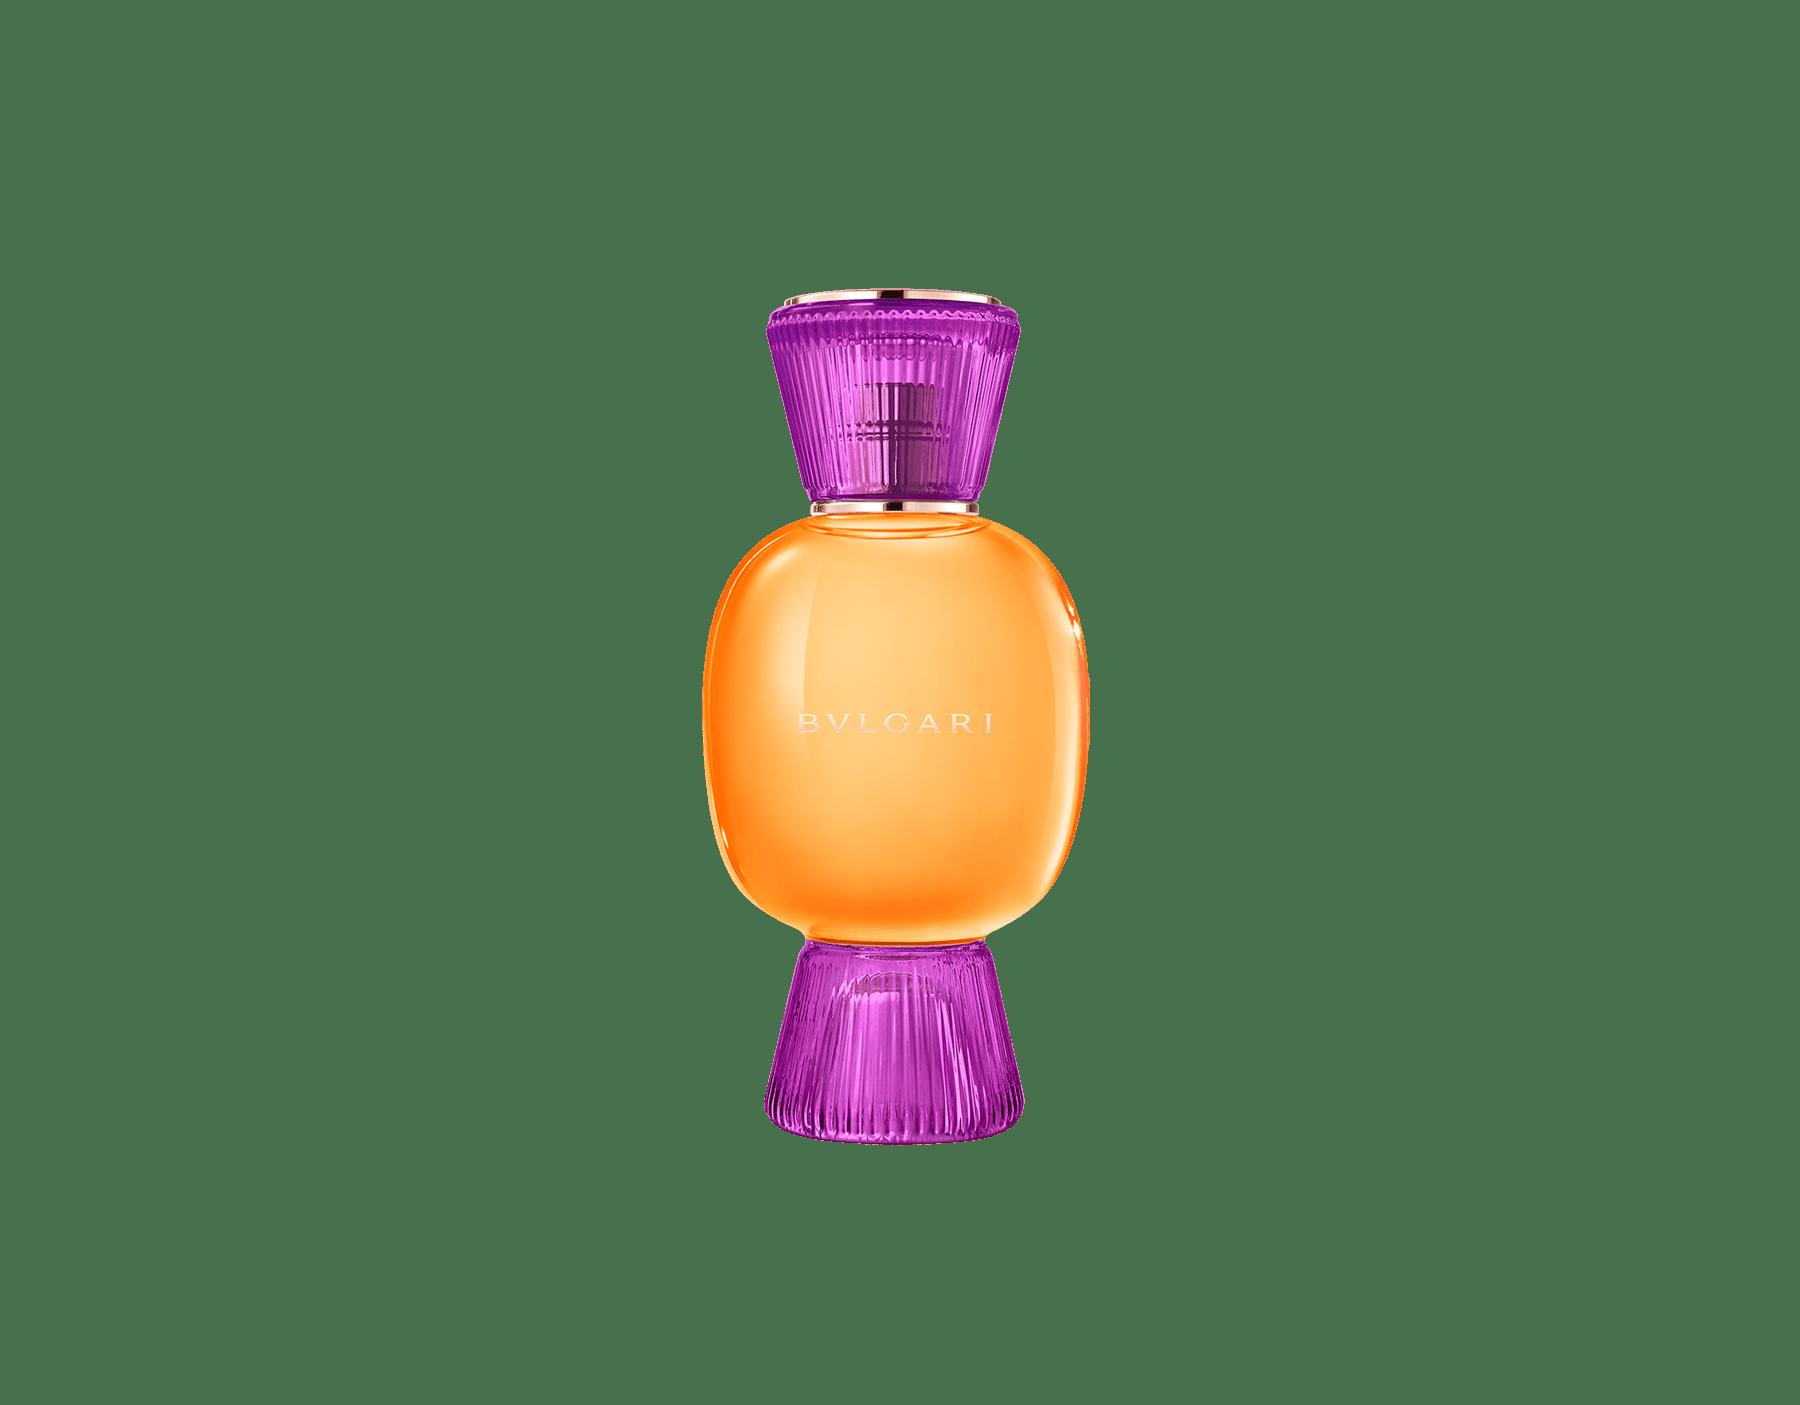 Un coffret de parfums exclusif, aussi unique et audacieux que vous. Liquoreuse et florientale, l'Eau de Parfum Allegra Rock'n'Rome se mêle à l'intensité voluptueuse et veloutée de l'essence du Magnifying Rose pour donner vie à une irrésistible fragrance personnalisée.  Perfume-Set-Rock-n-Rome-Eau-de-Parfum-and-Rose-Magnifying image 2